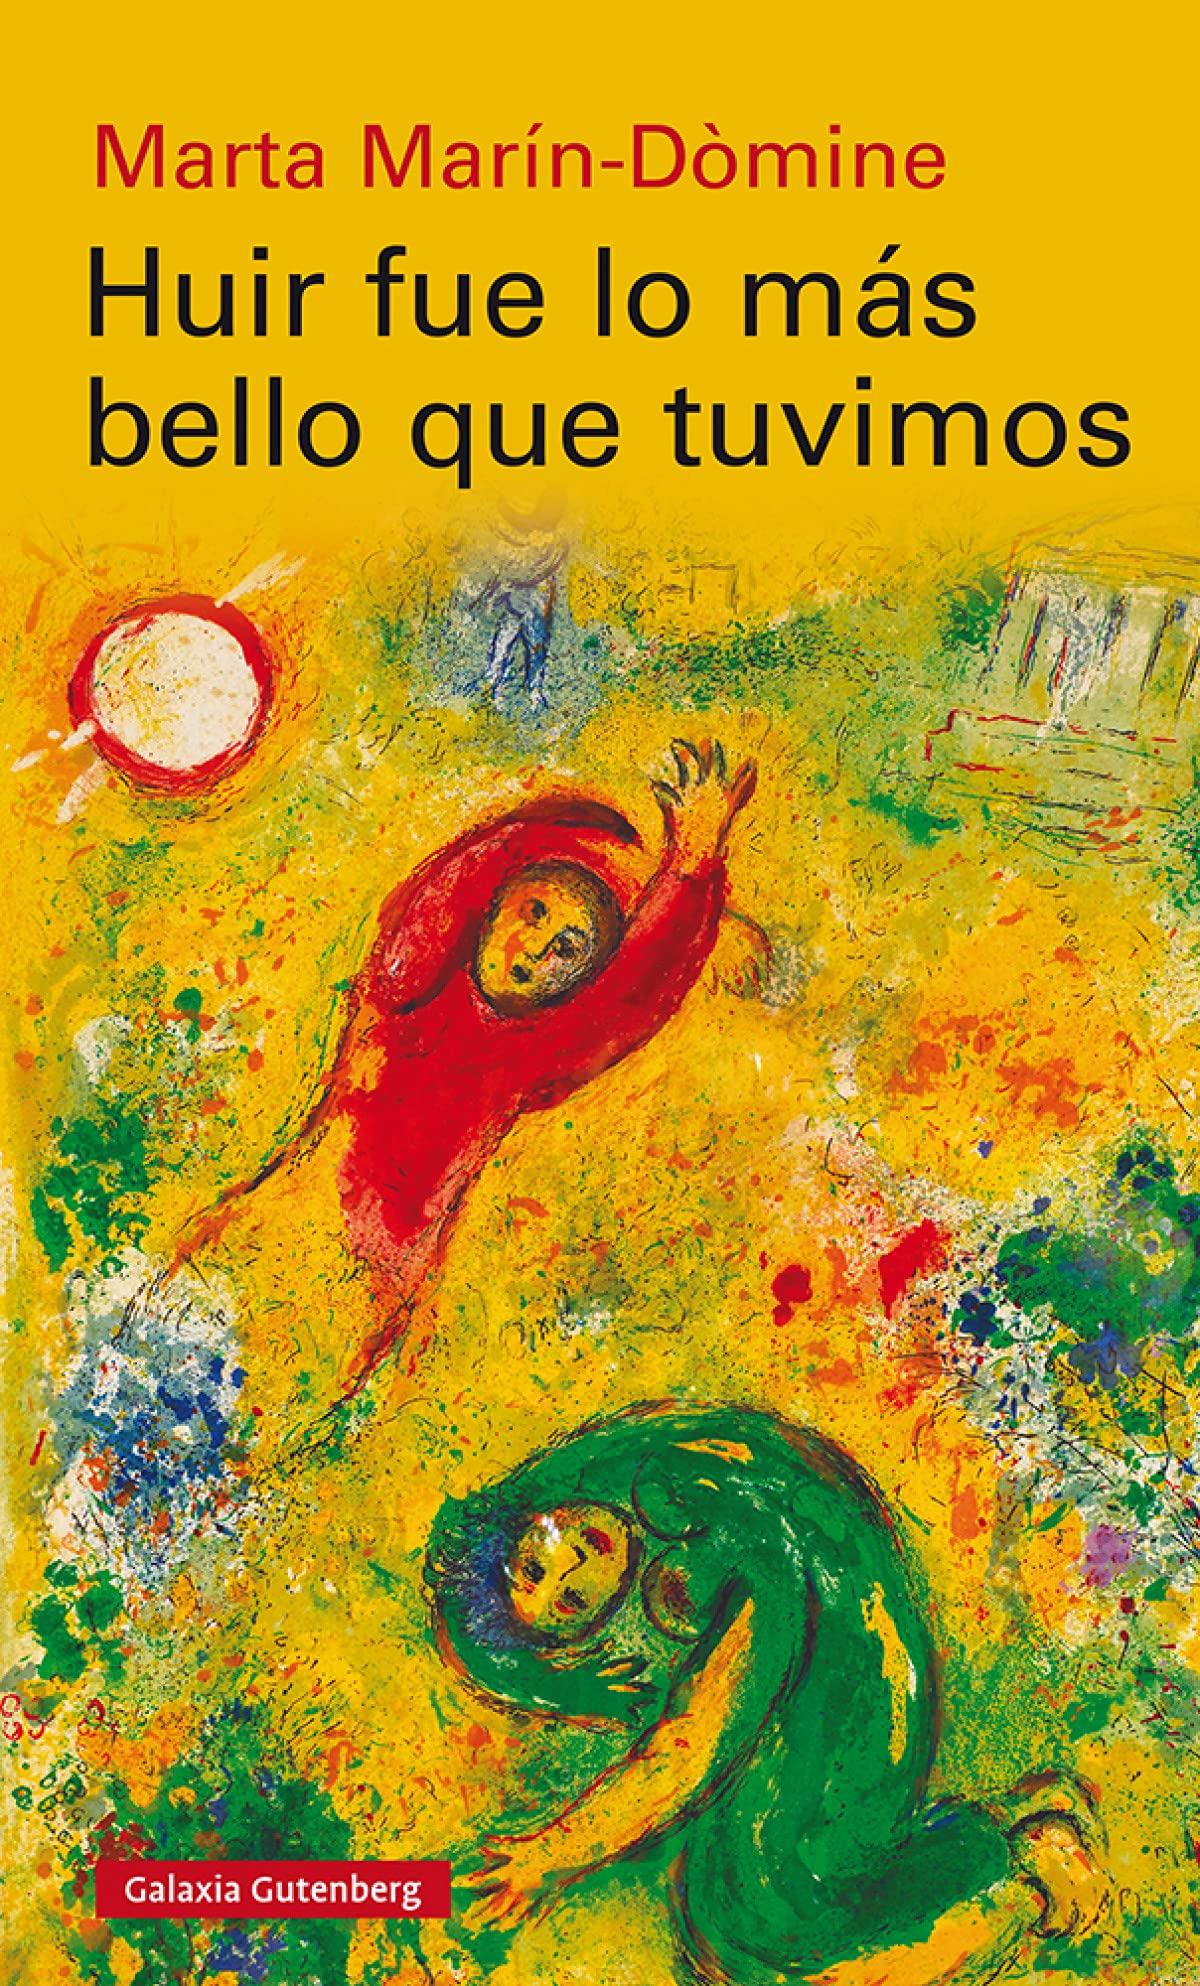 Huir fue lo más bello que tuvimos, de Marta Marín-Dòmine